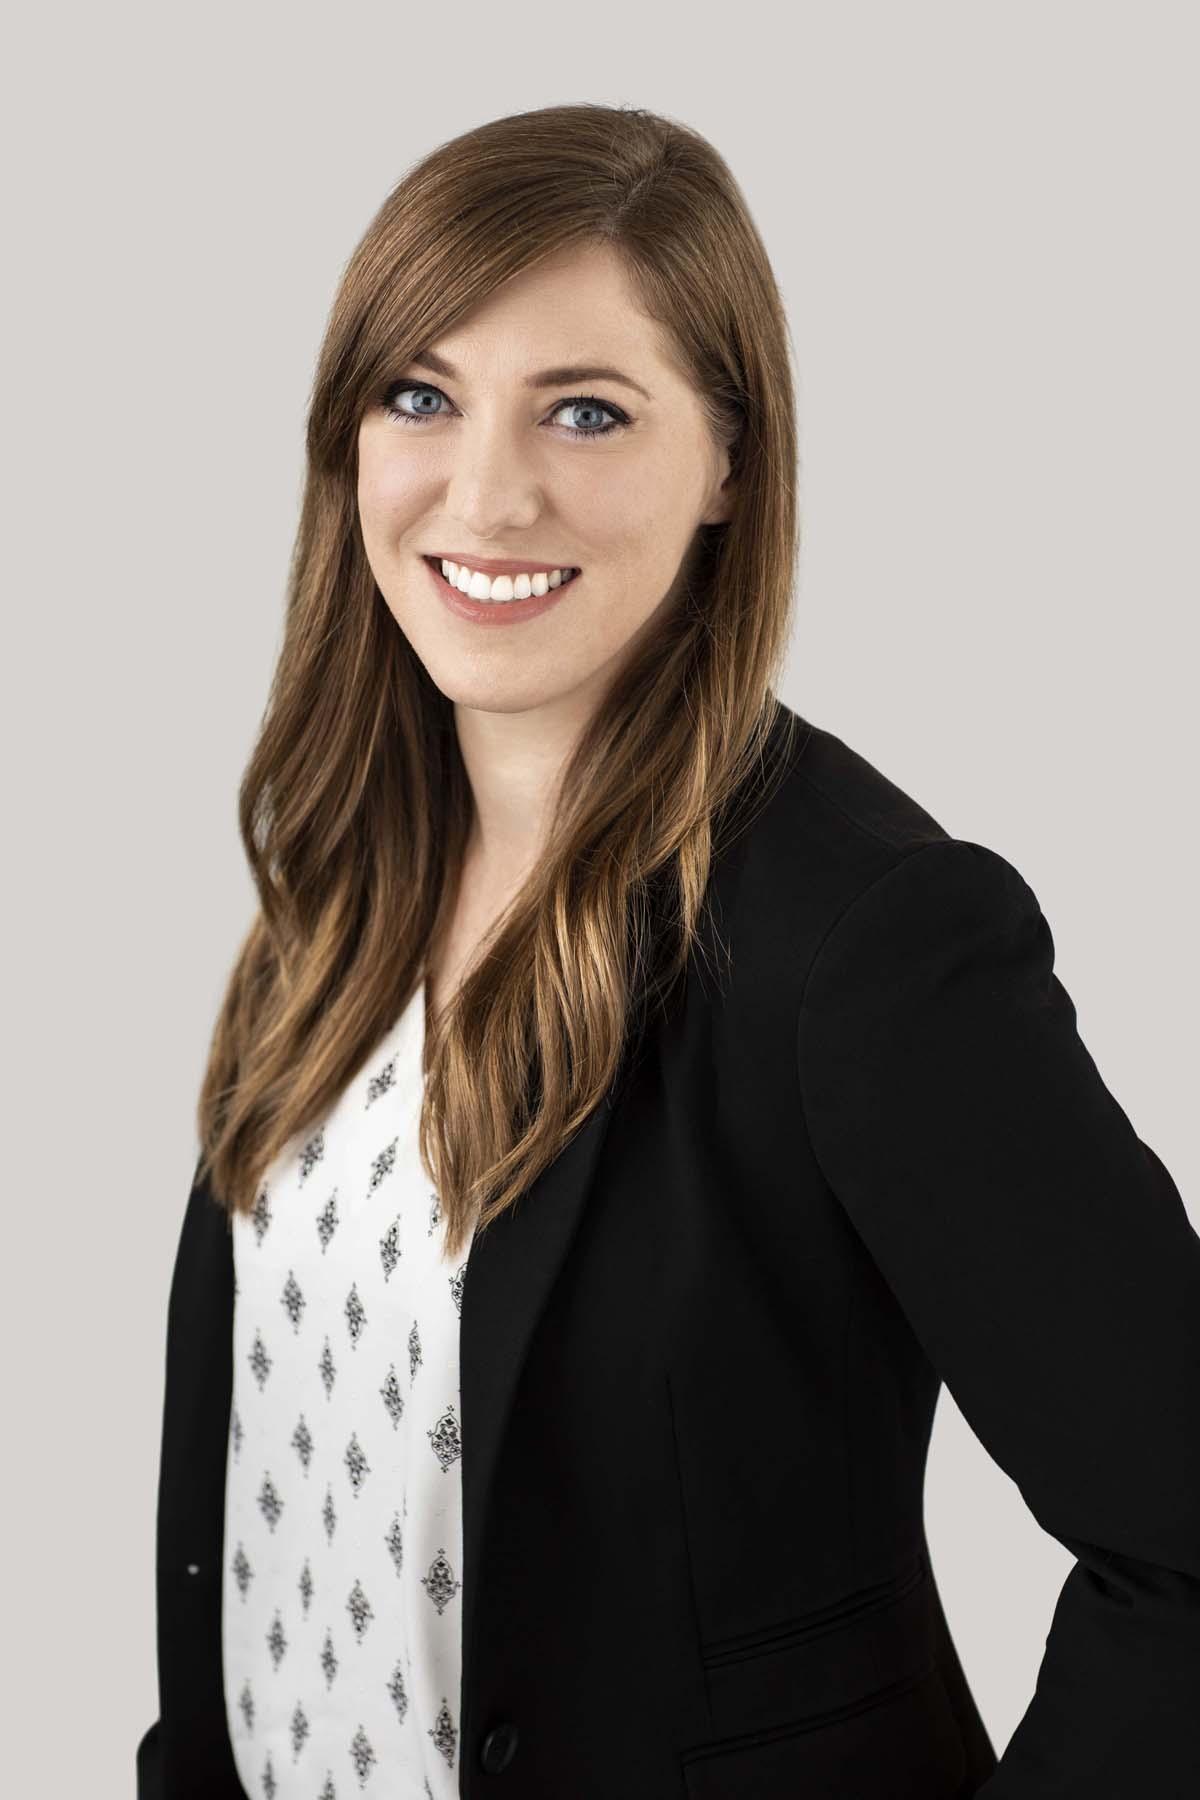 Brooke Speer